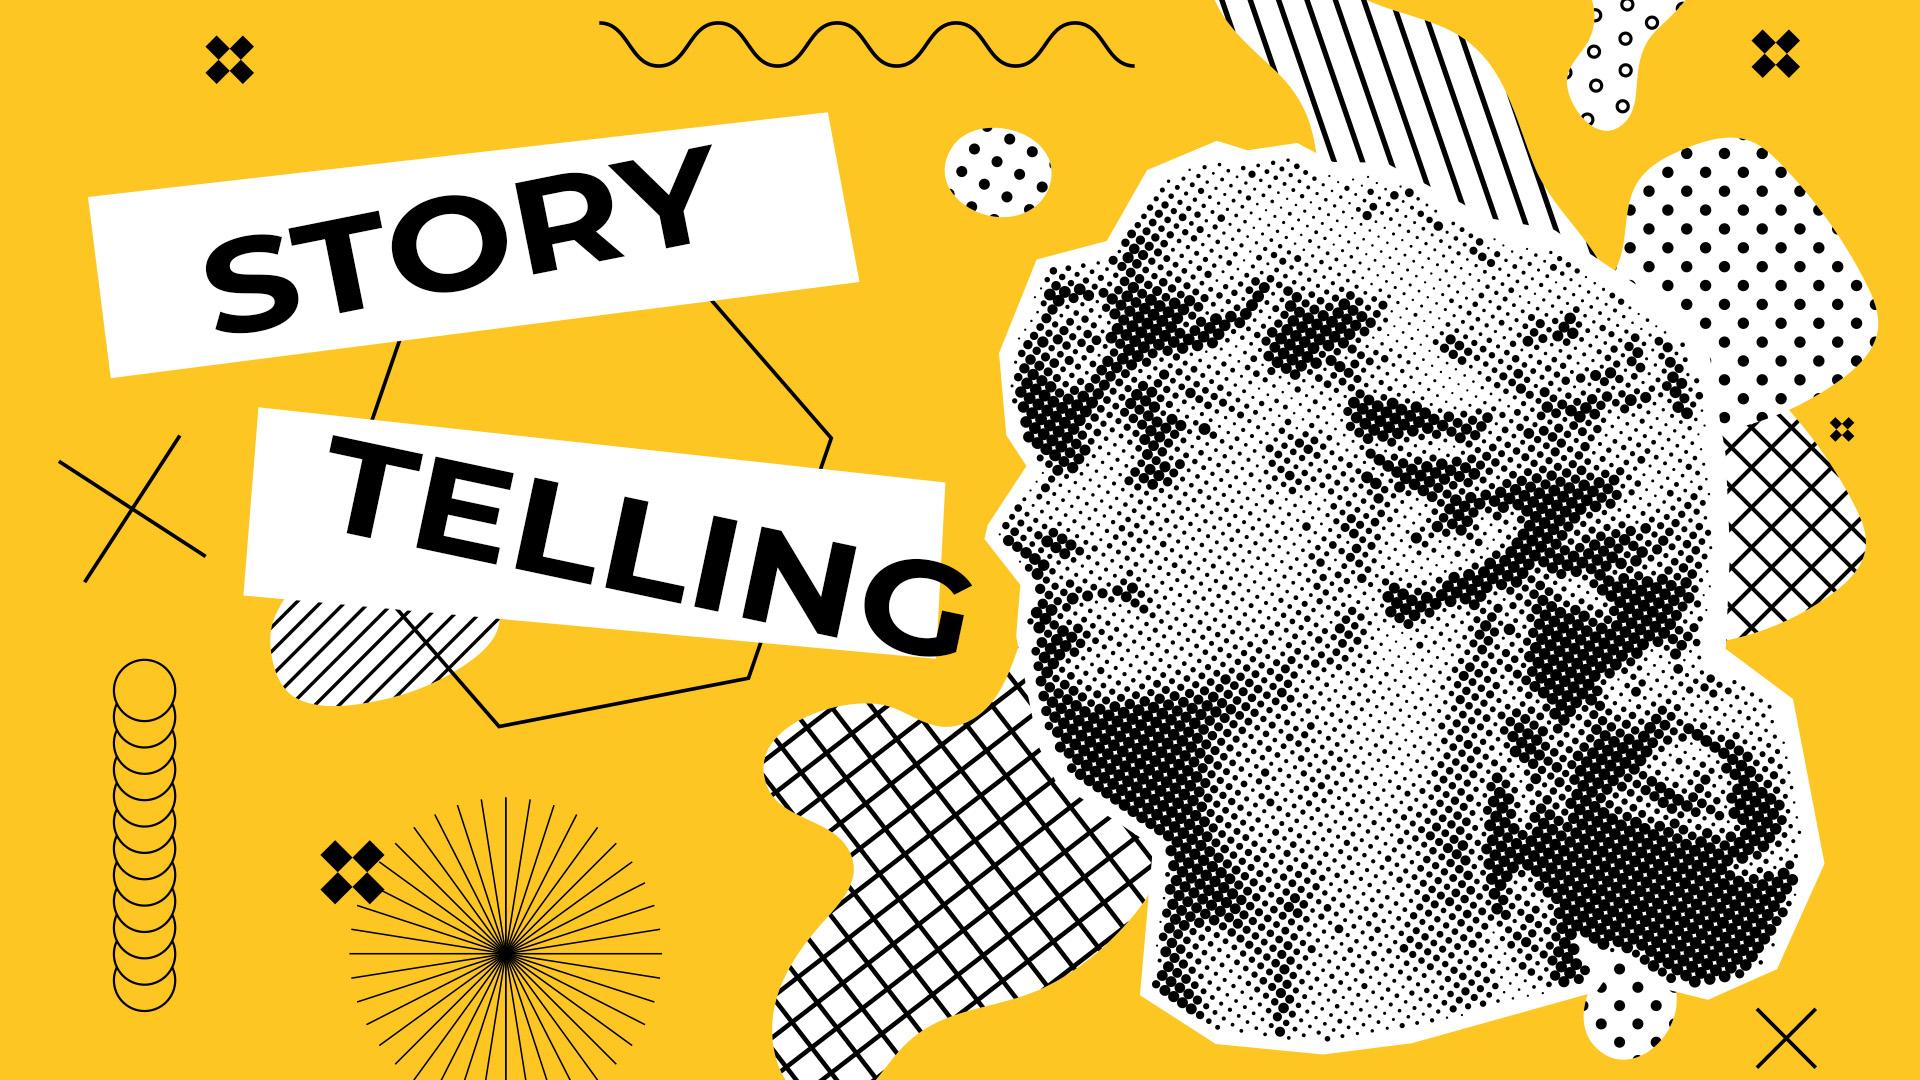 Cosa vuol dire storytelling come costruire la brand identity